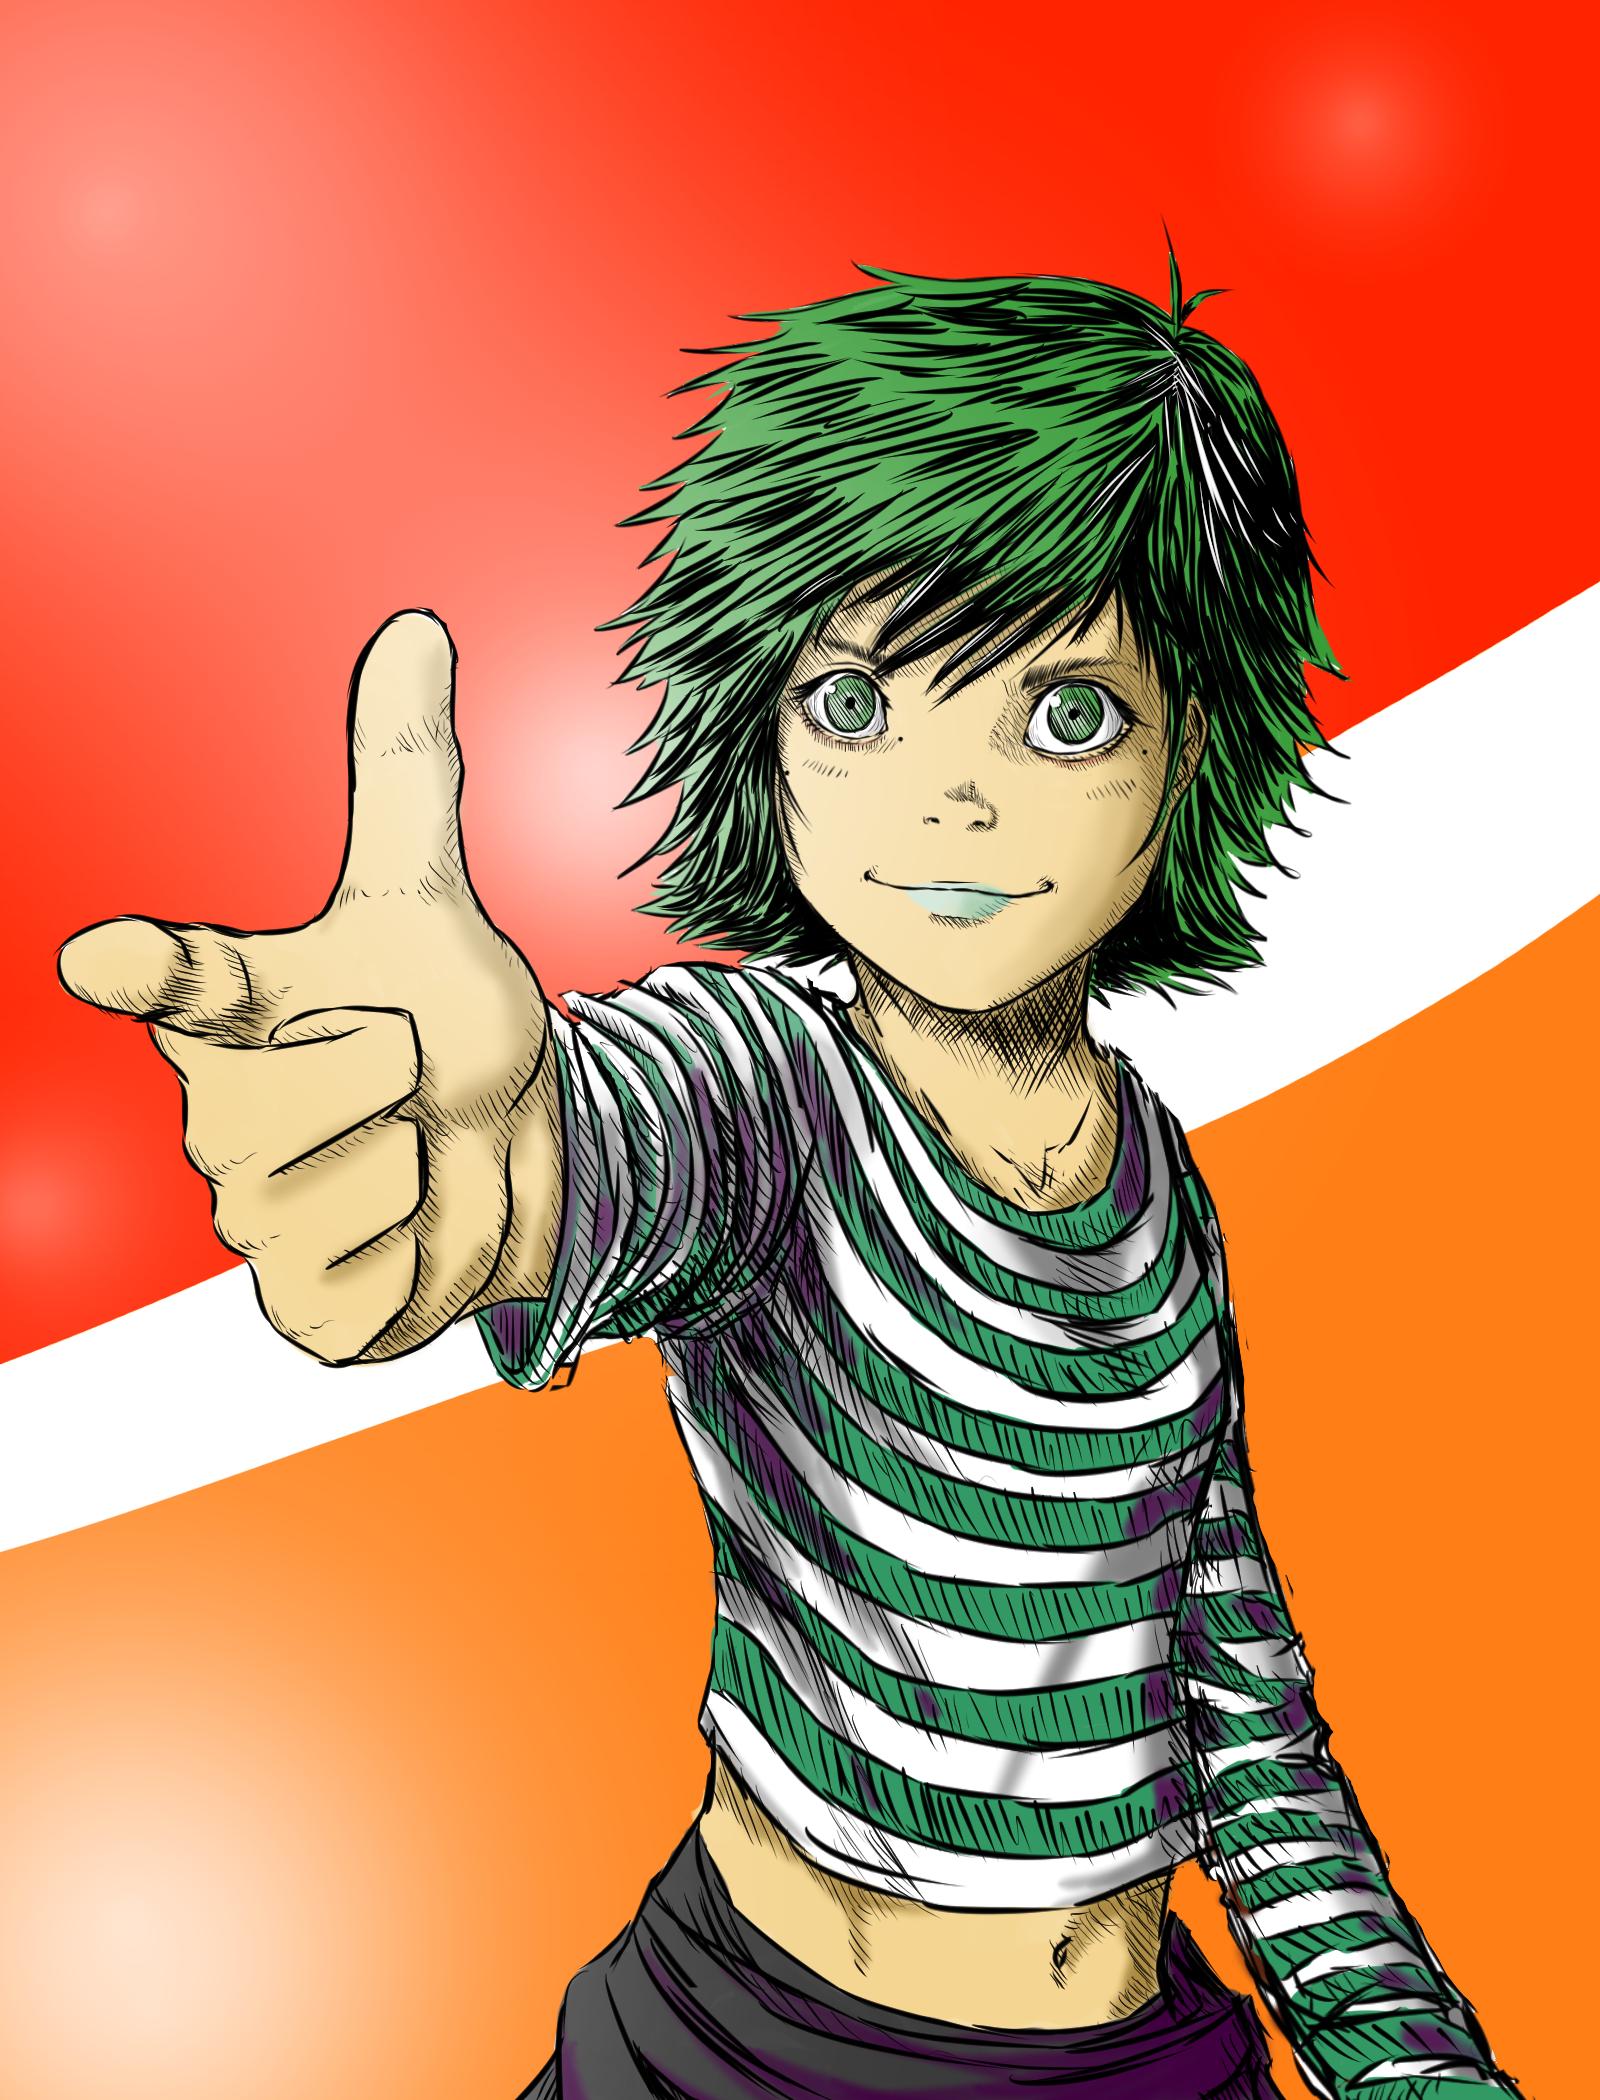 BANG! (but more green)